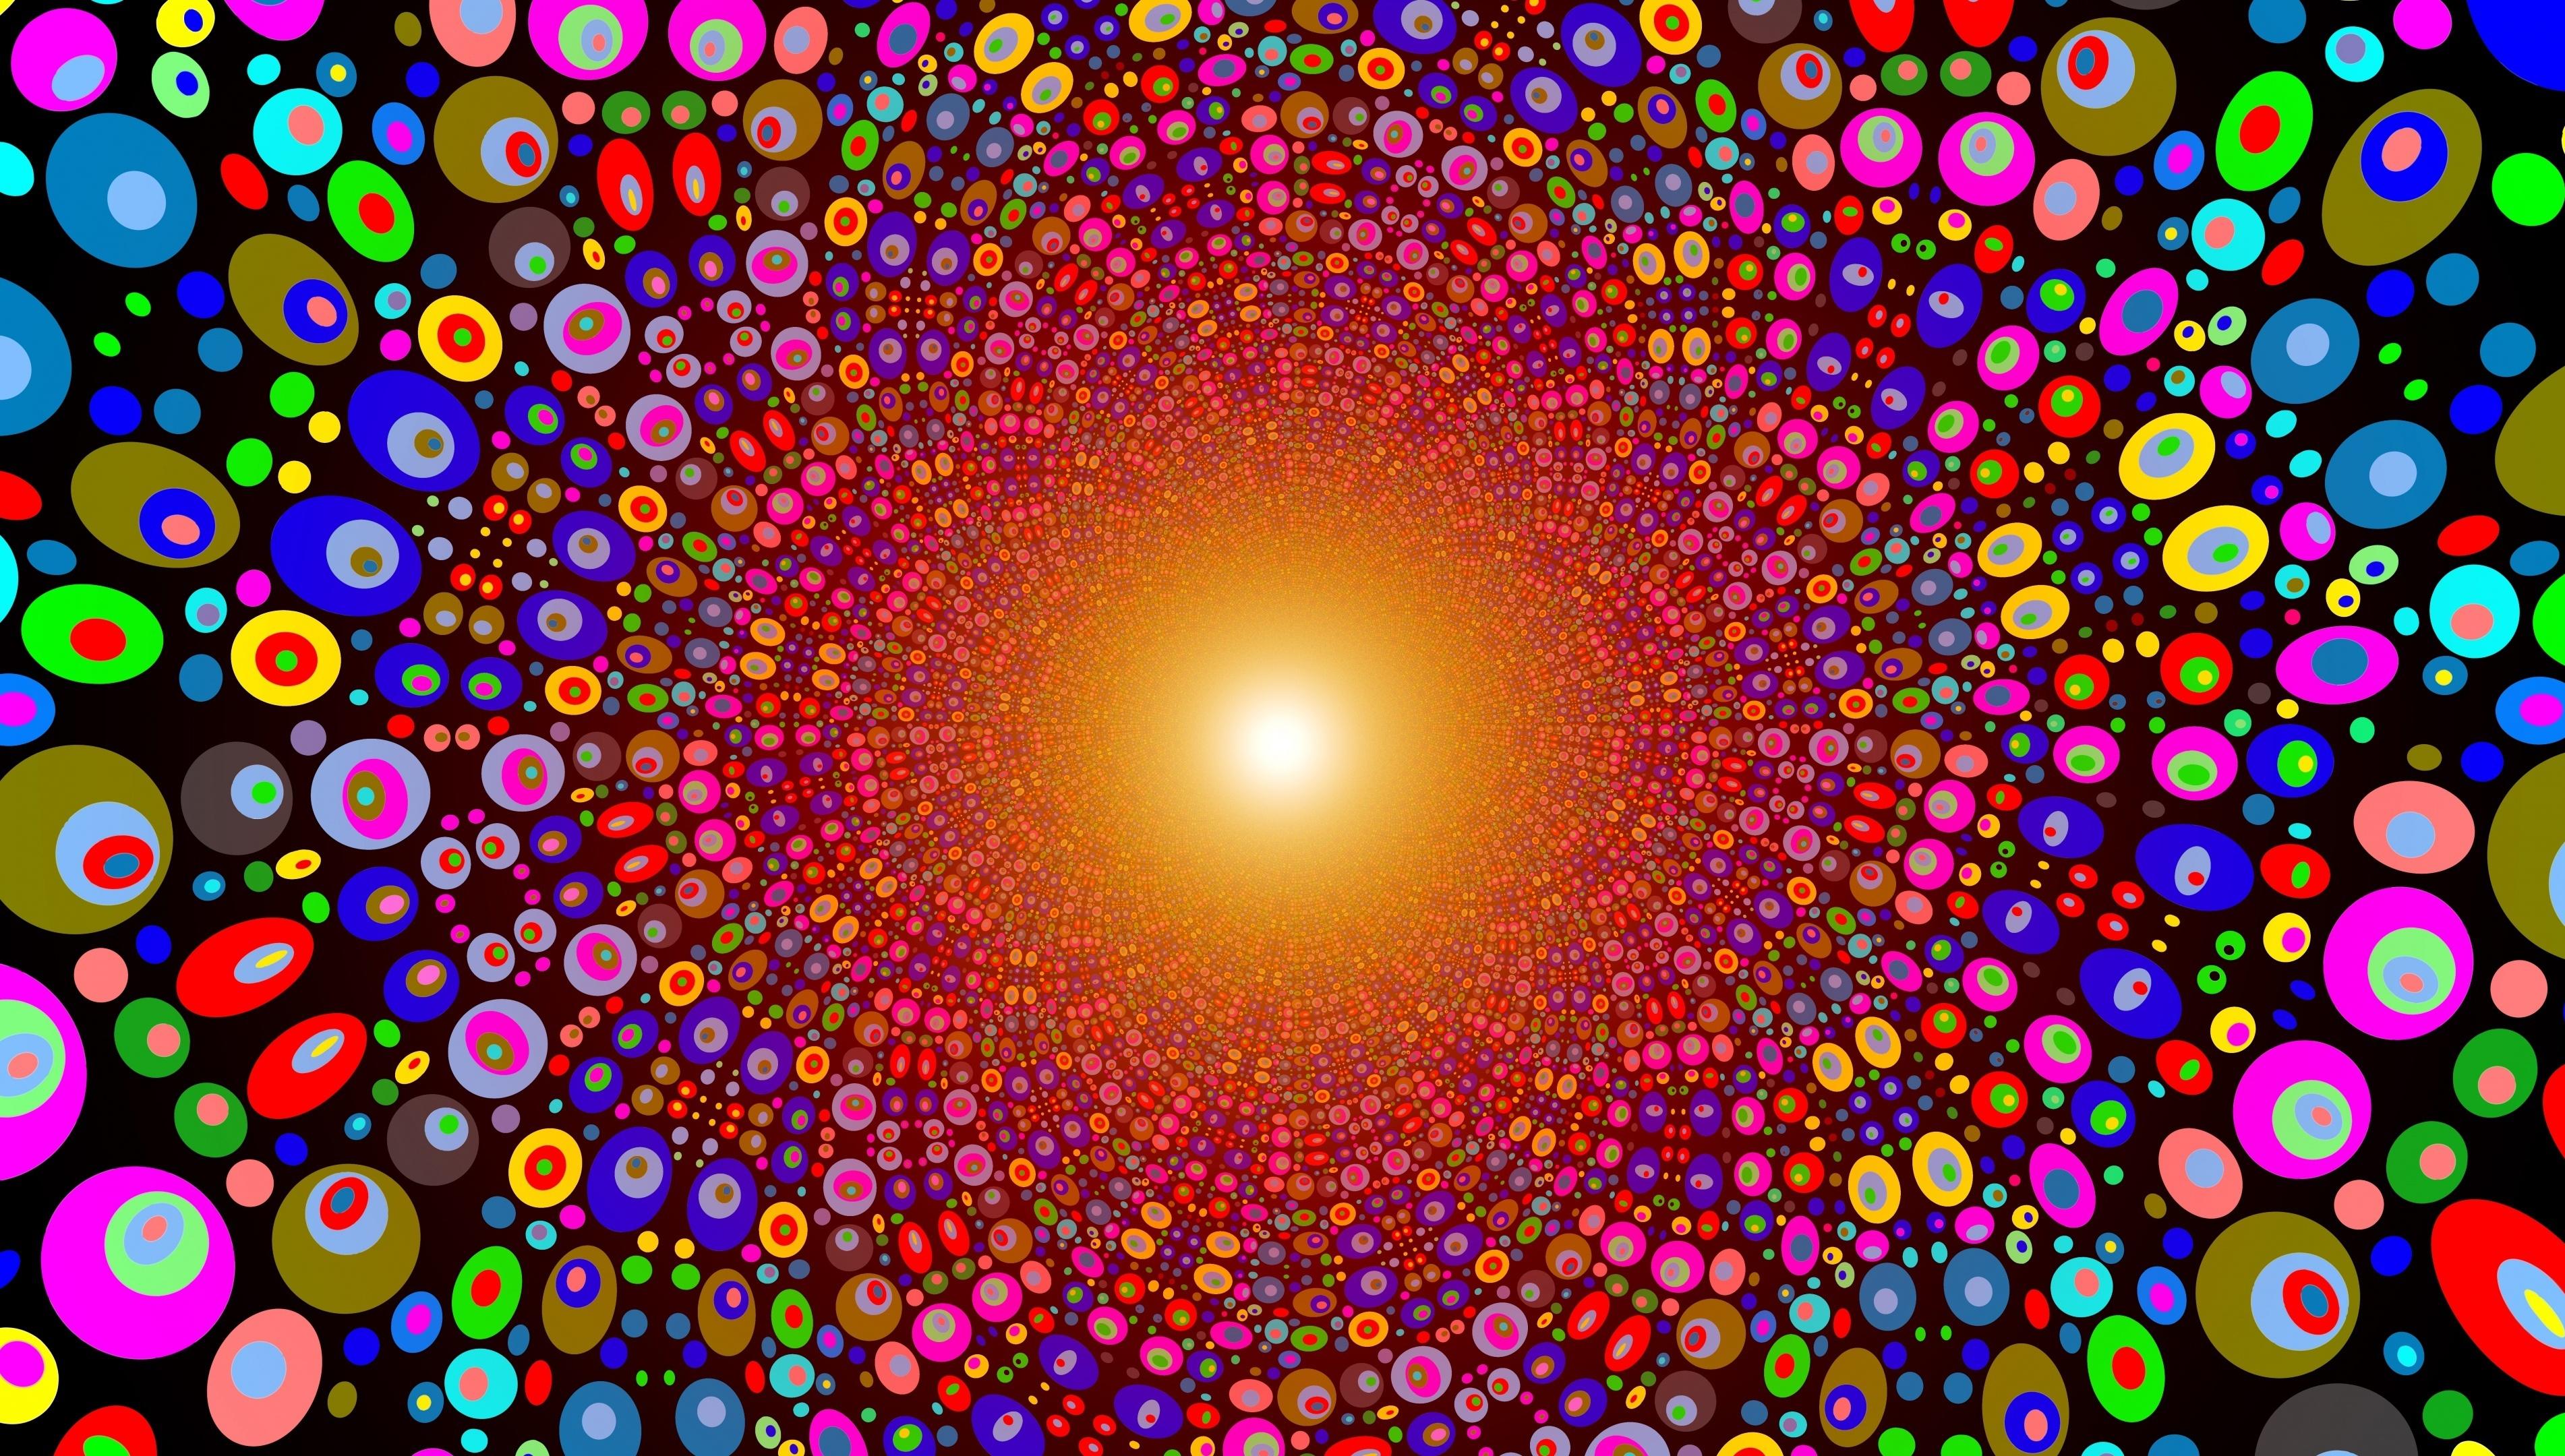 графика абстракция круги цвета  № 2063586 загрузить